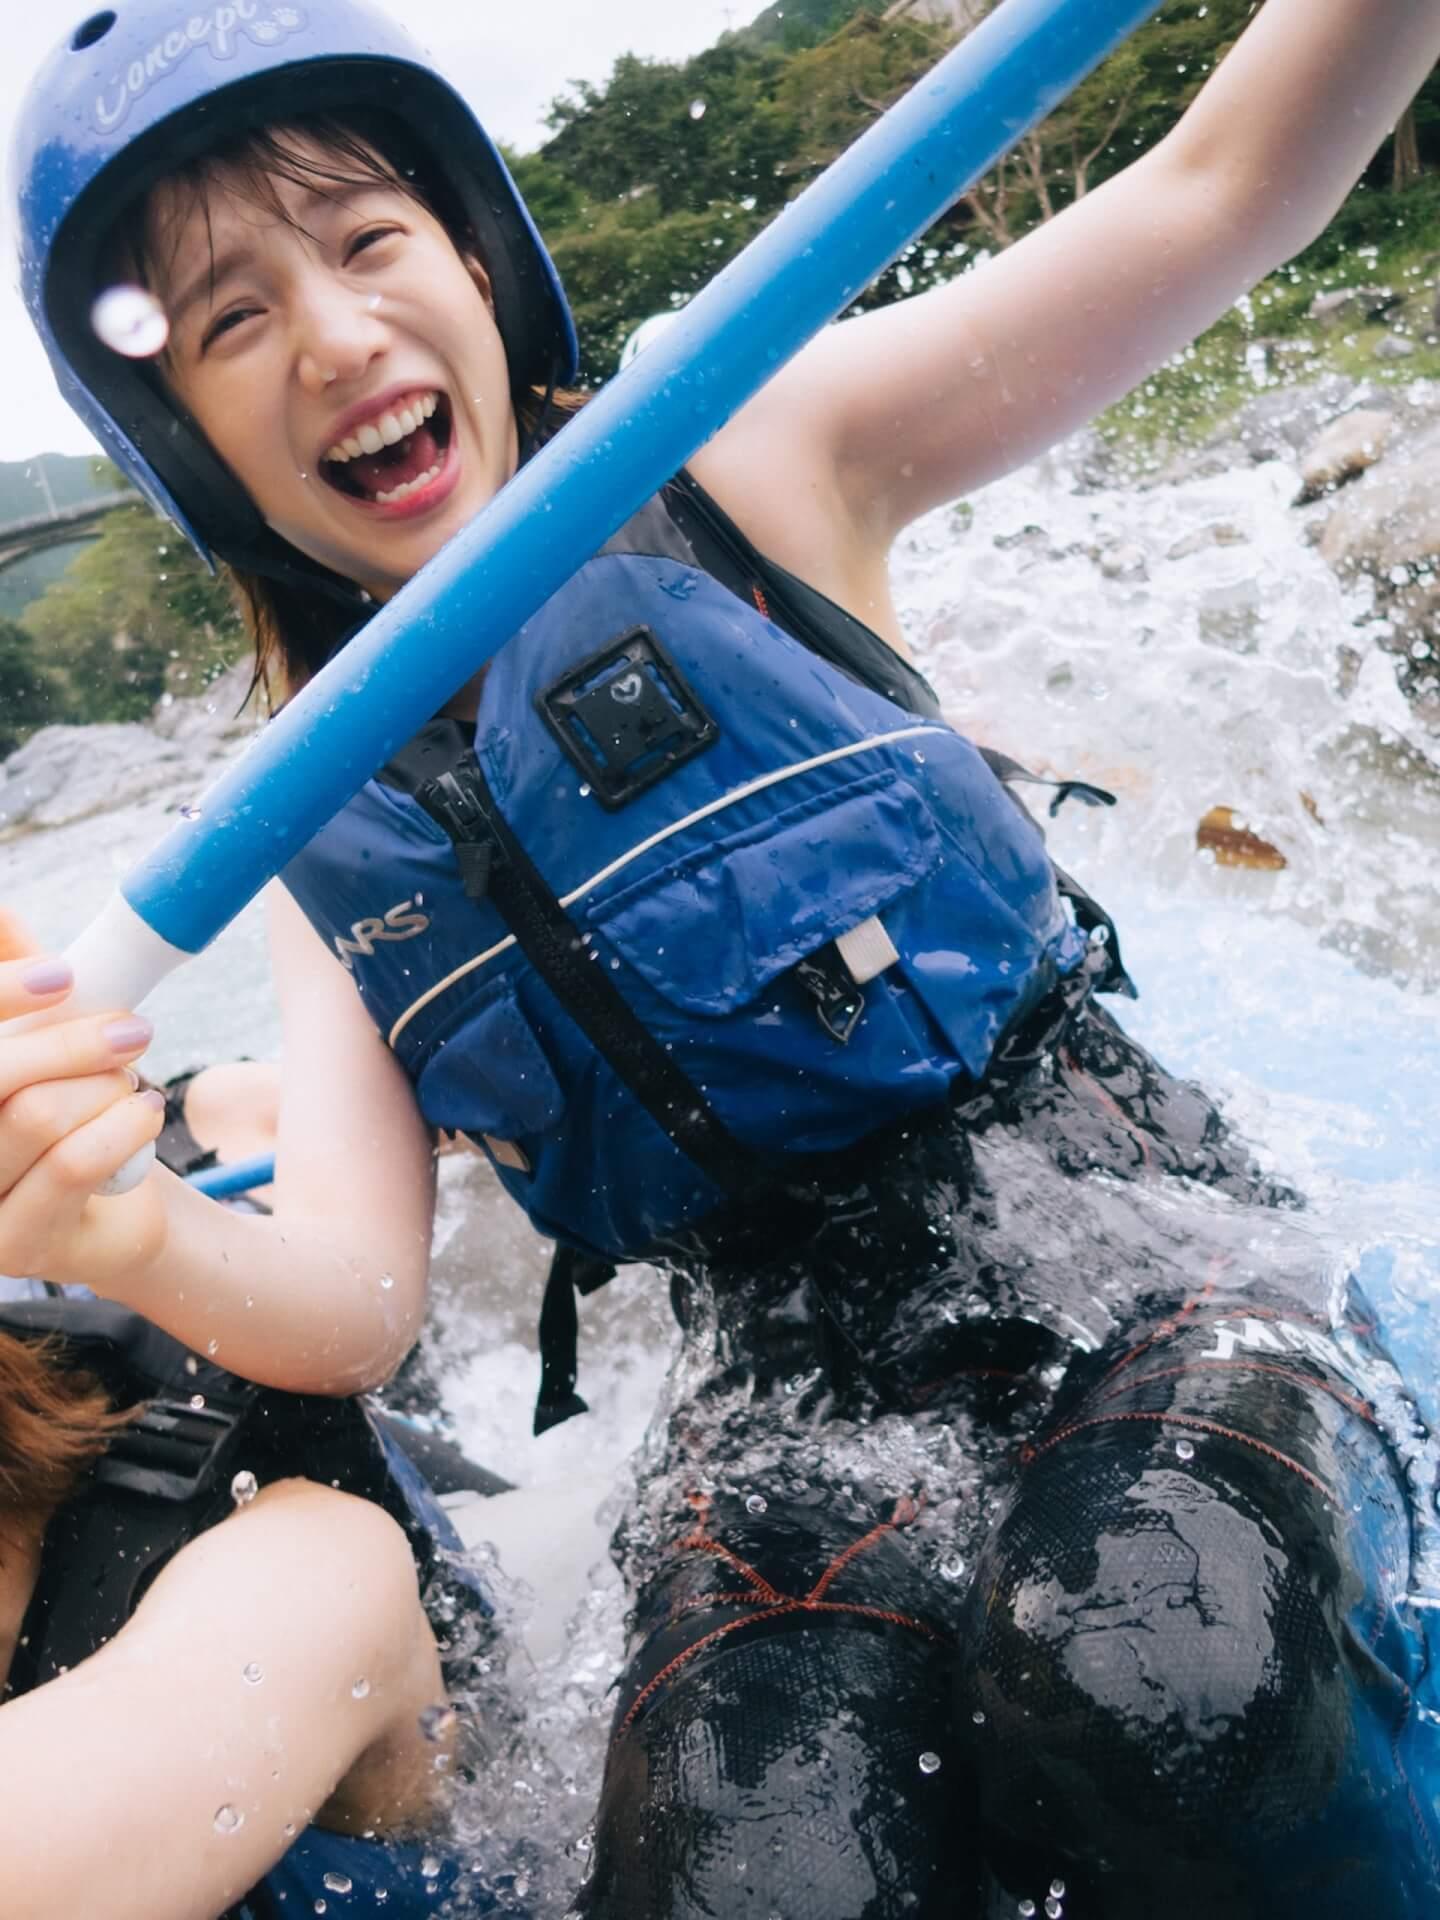 弘中綾香のプライベートをのぞき見!キュートすぎる魅力が満載のフォトブック『ひろなかのなか』が発売決定 art210527_hironakaayaka_5